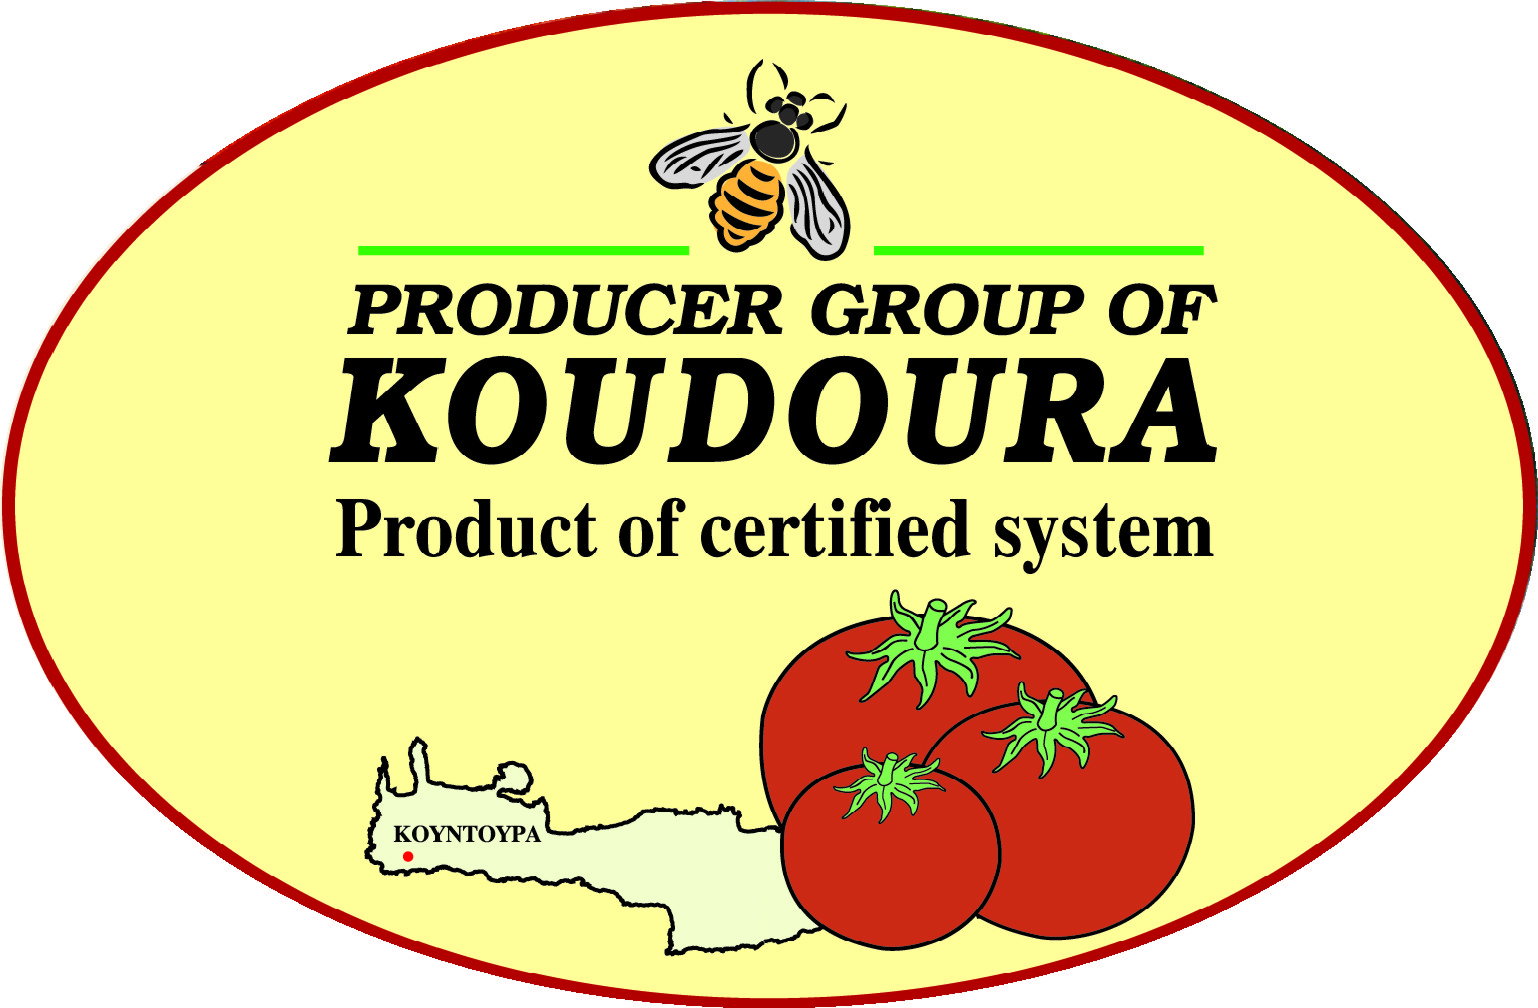 Koudoura